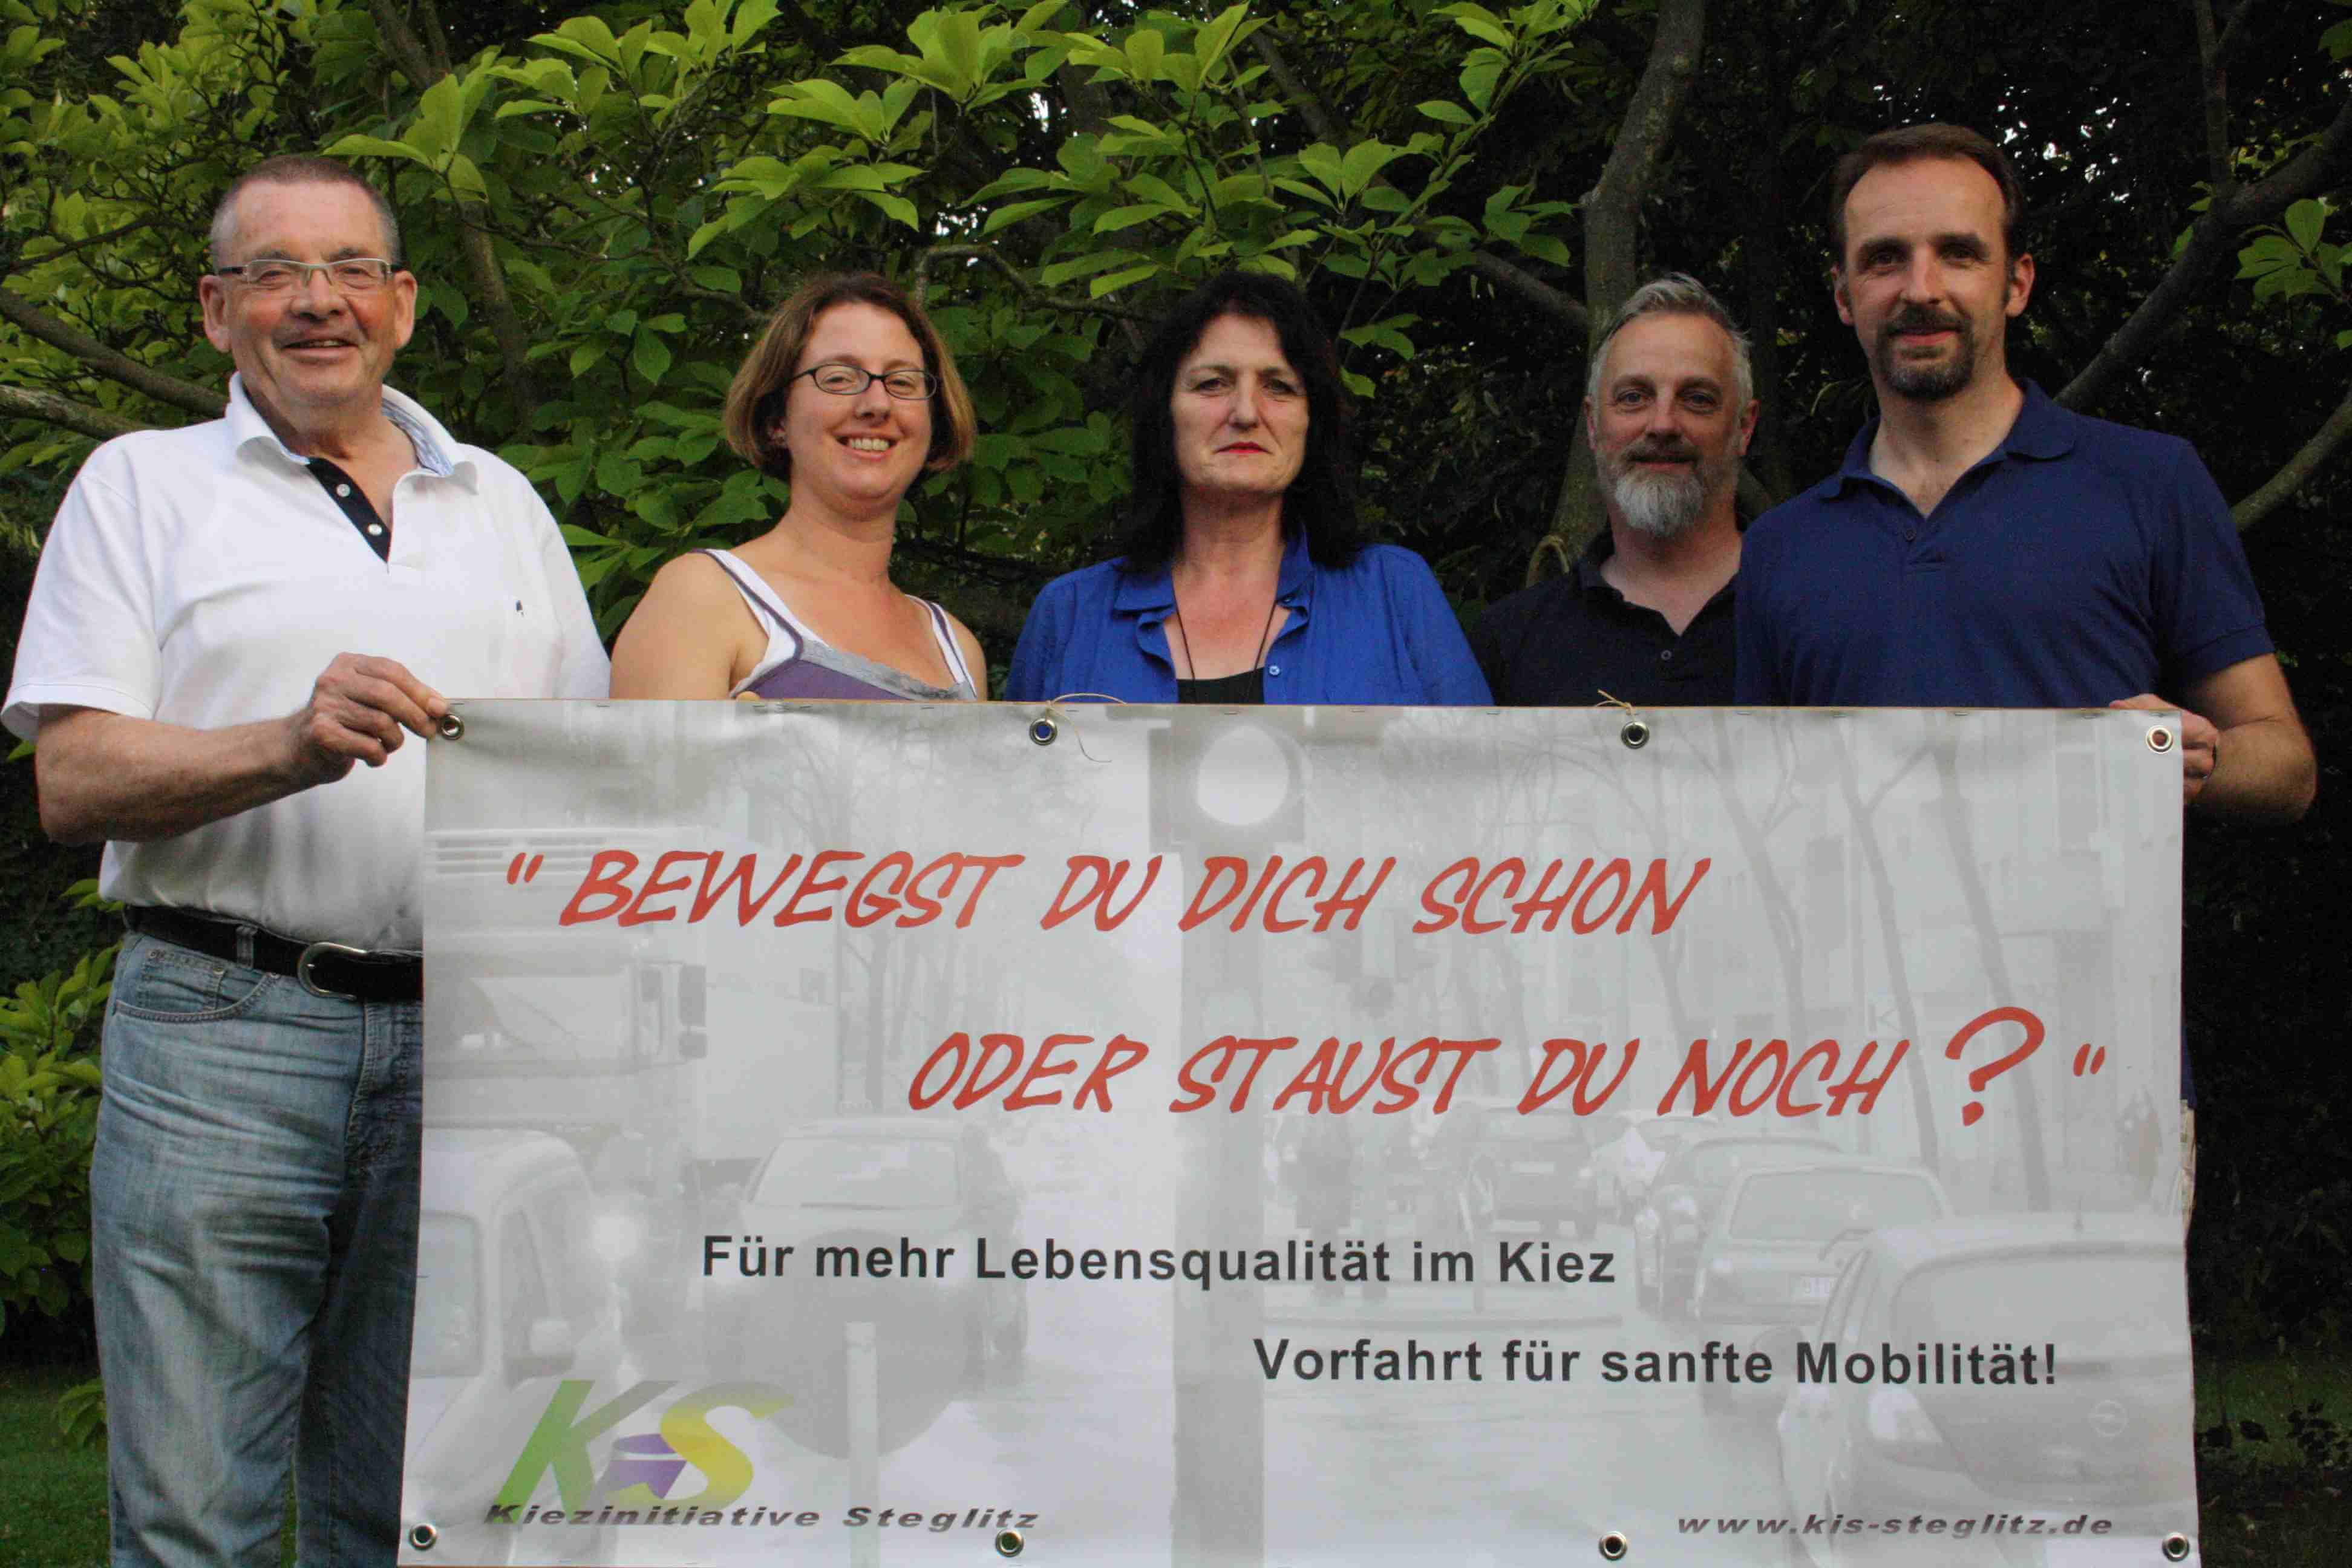 Mehr Lebensqualität, weniger Verkehr: Die Kiezinitiative Steglitz